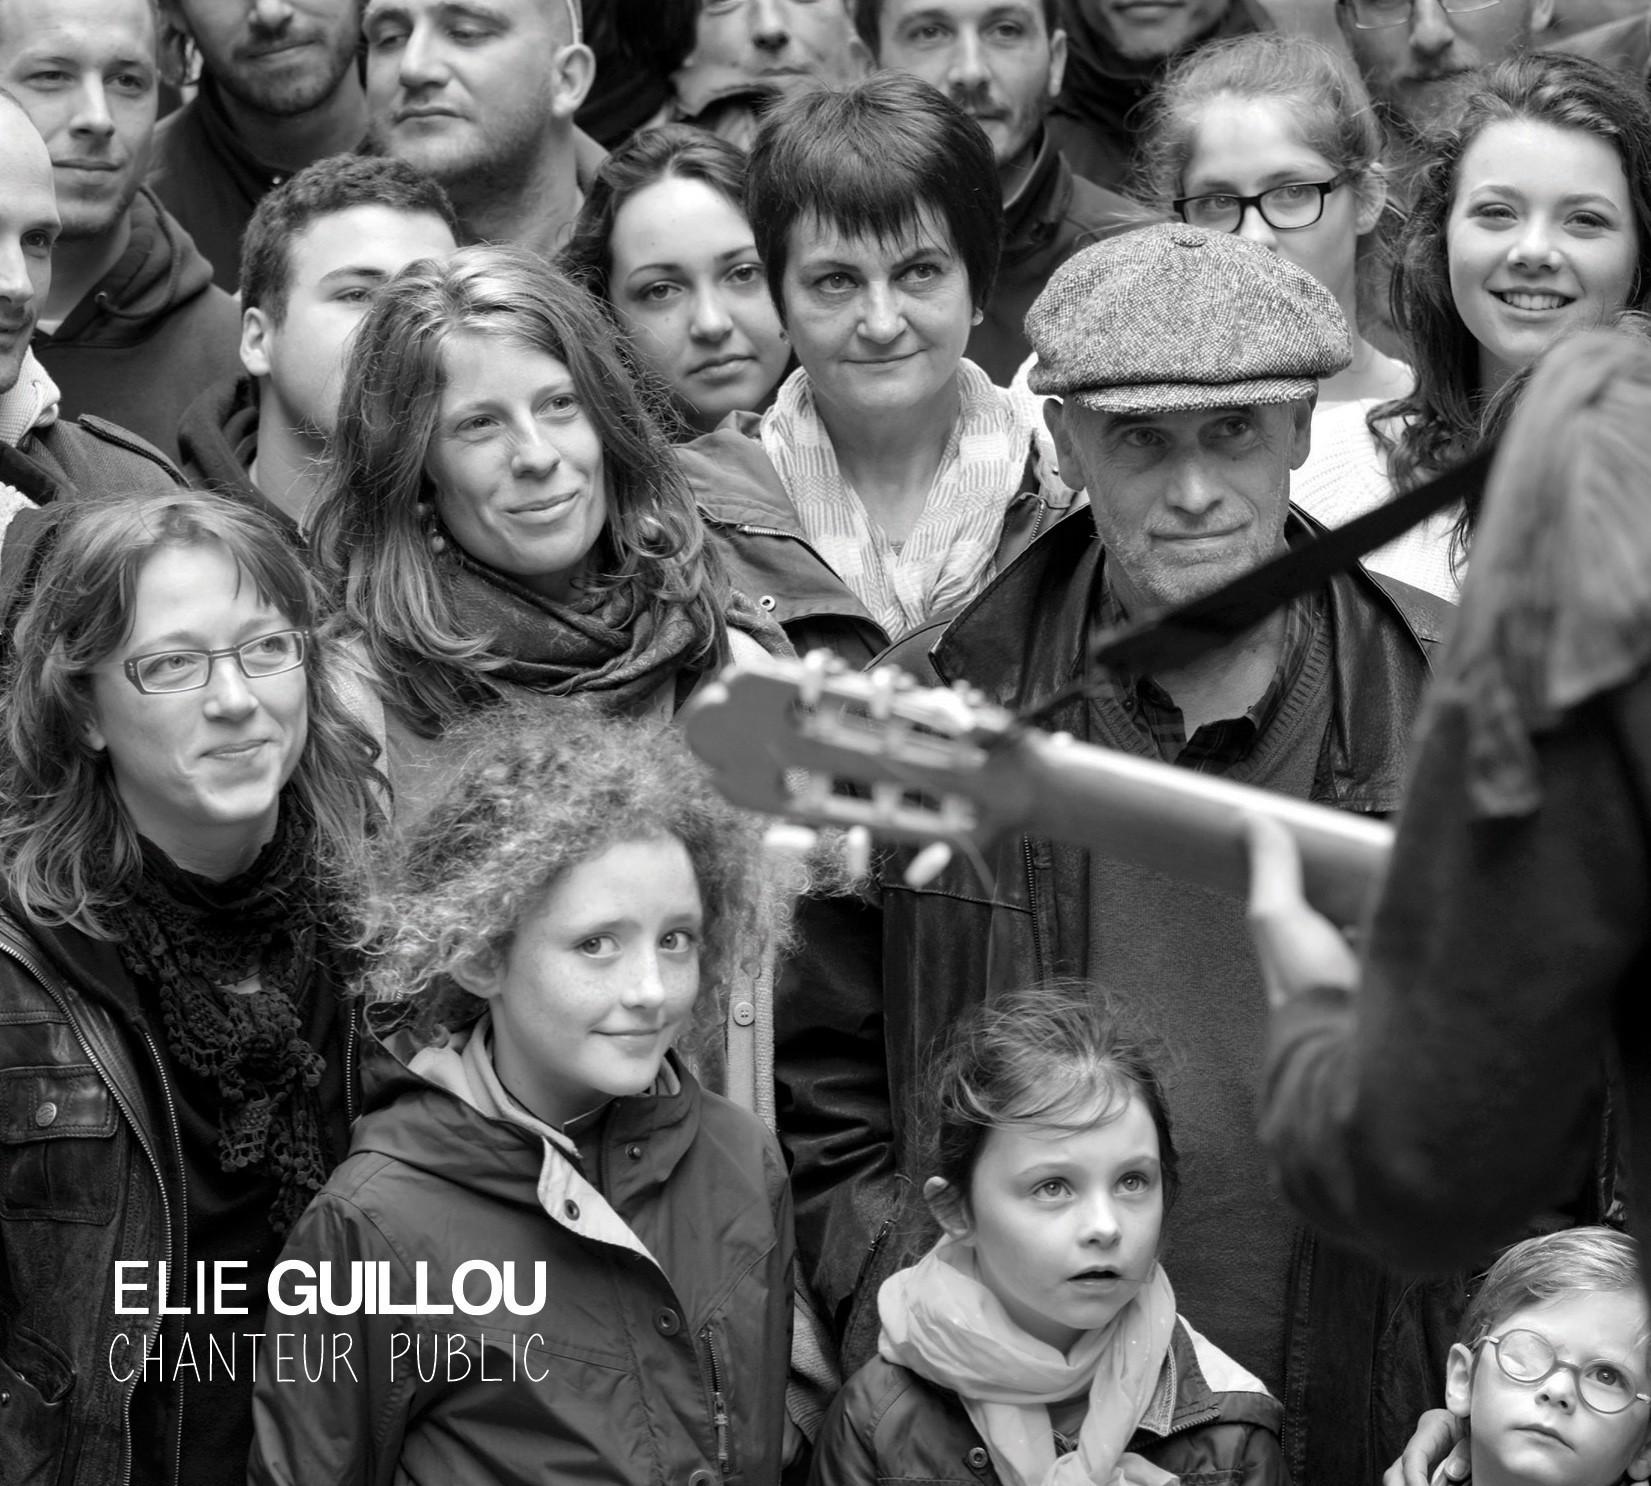 Elie Guillou : Chanteur Public